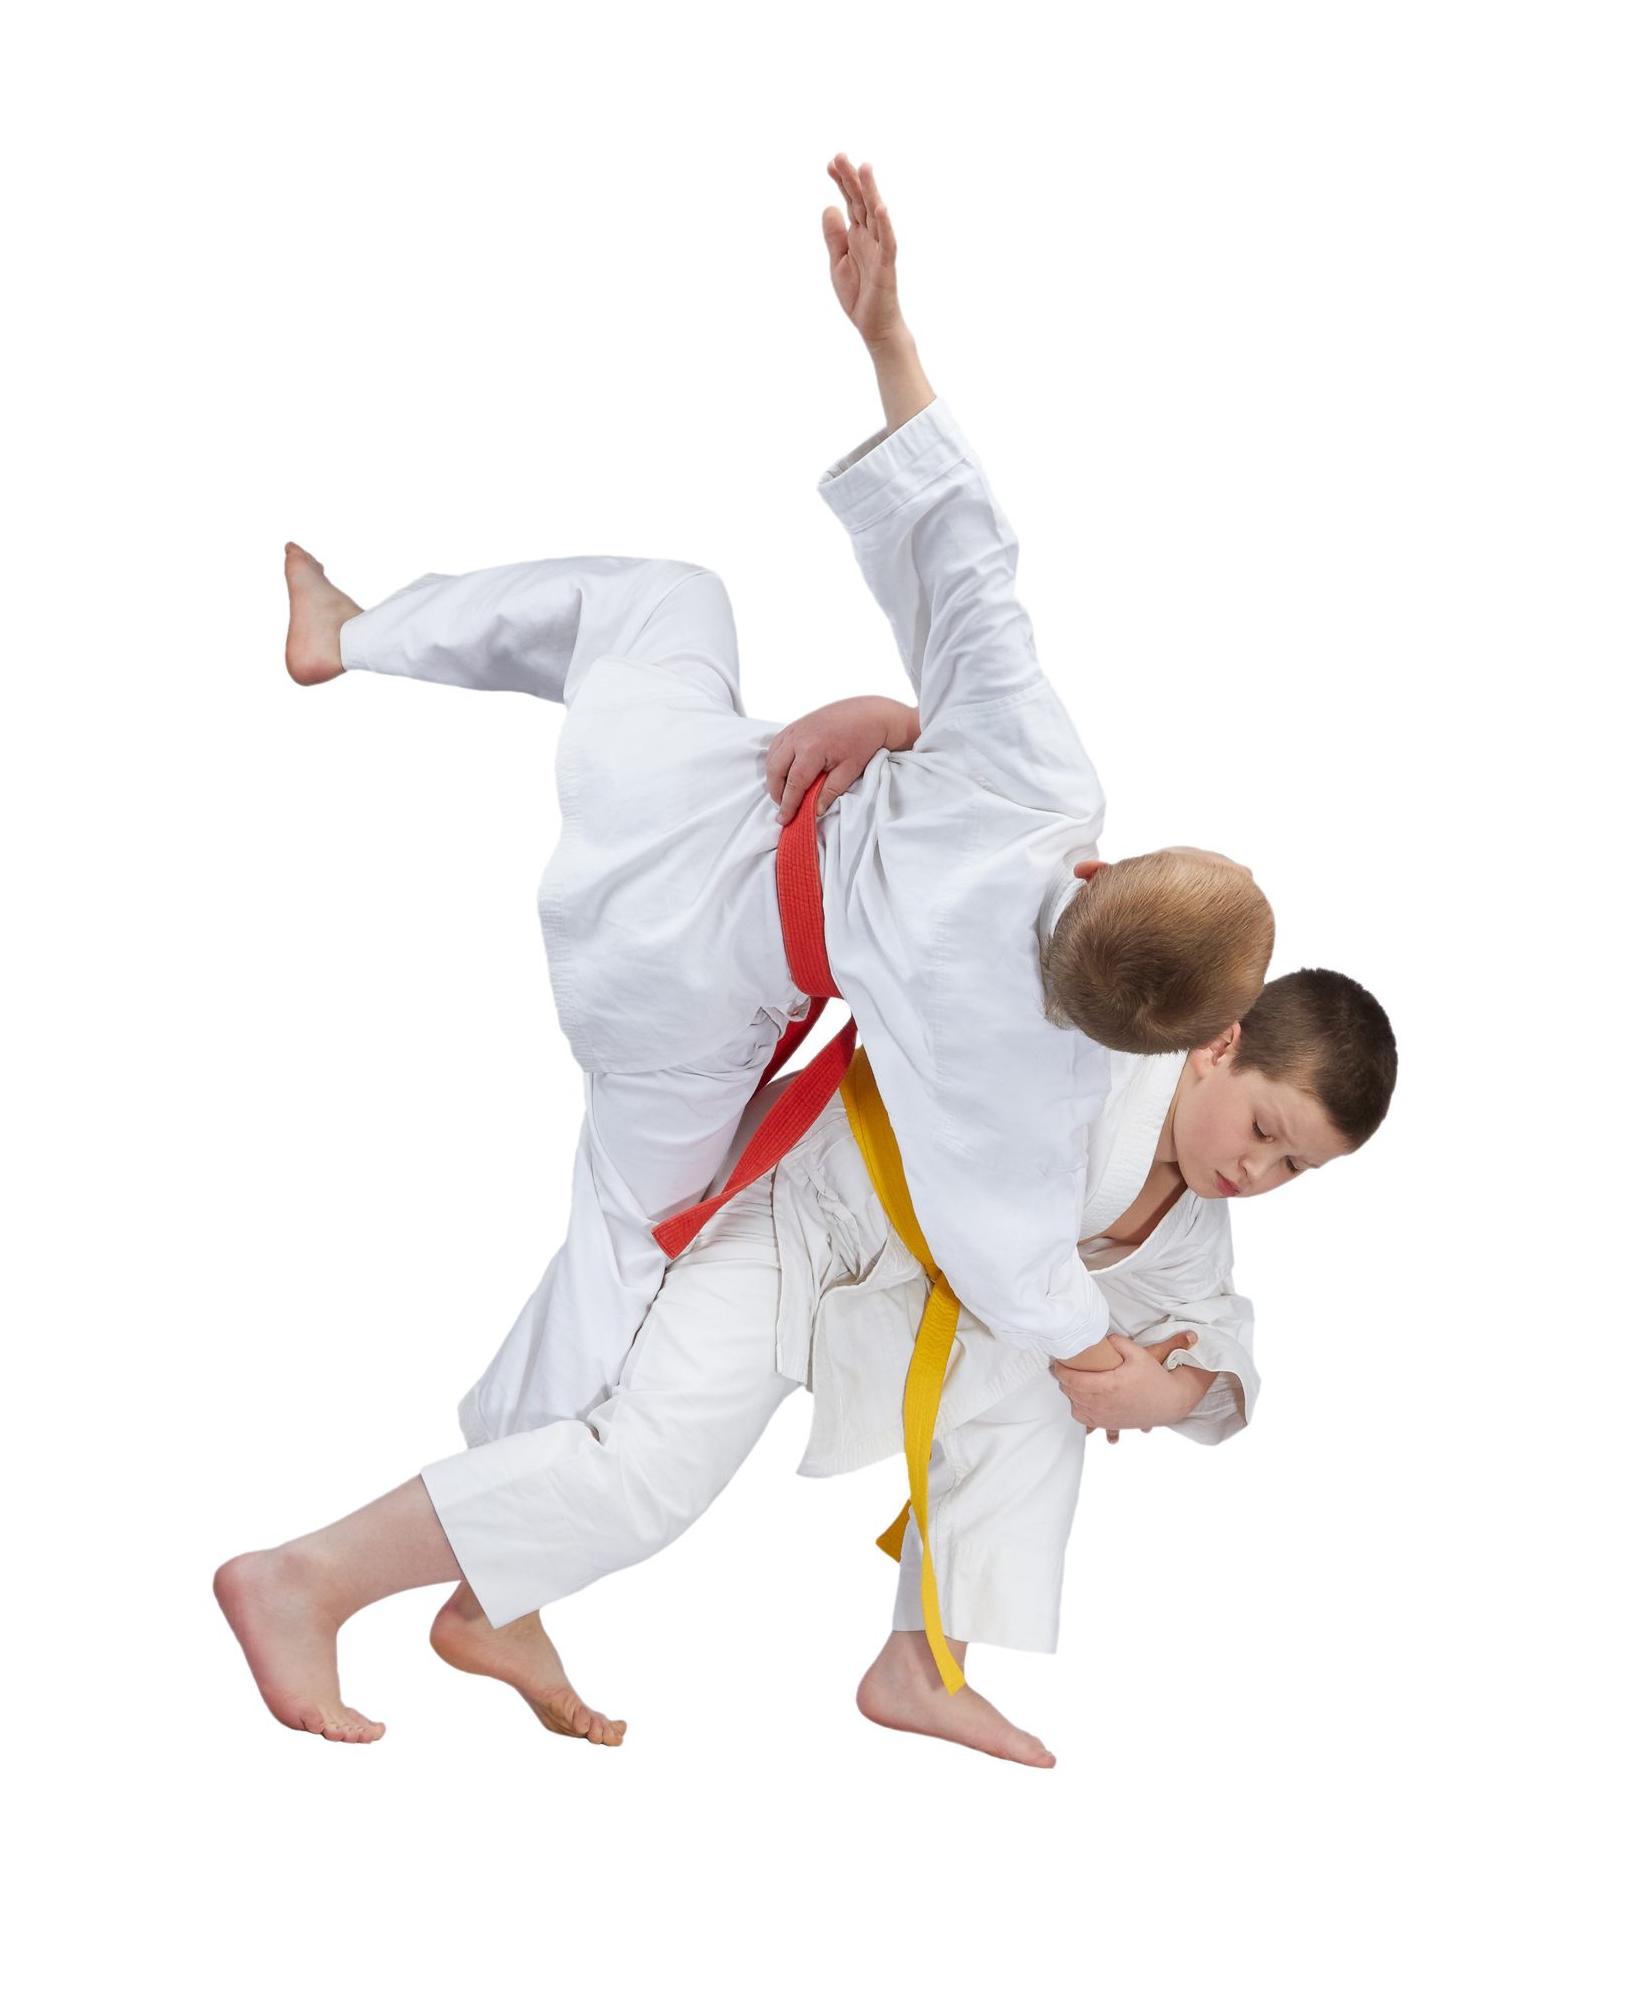 Ecole de Judo et Ju-Jitsu Lémanique